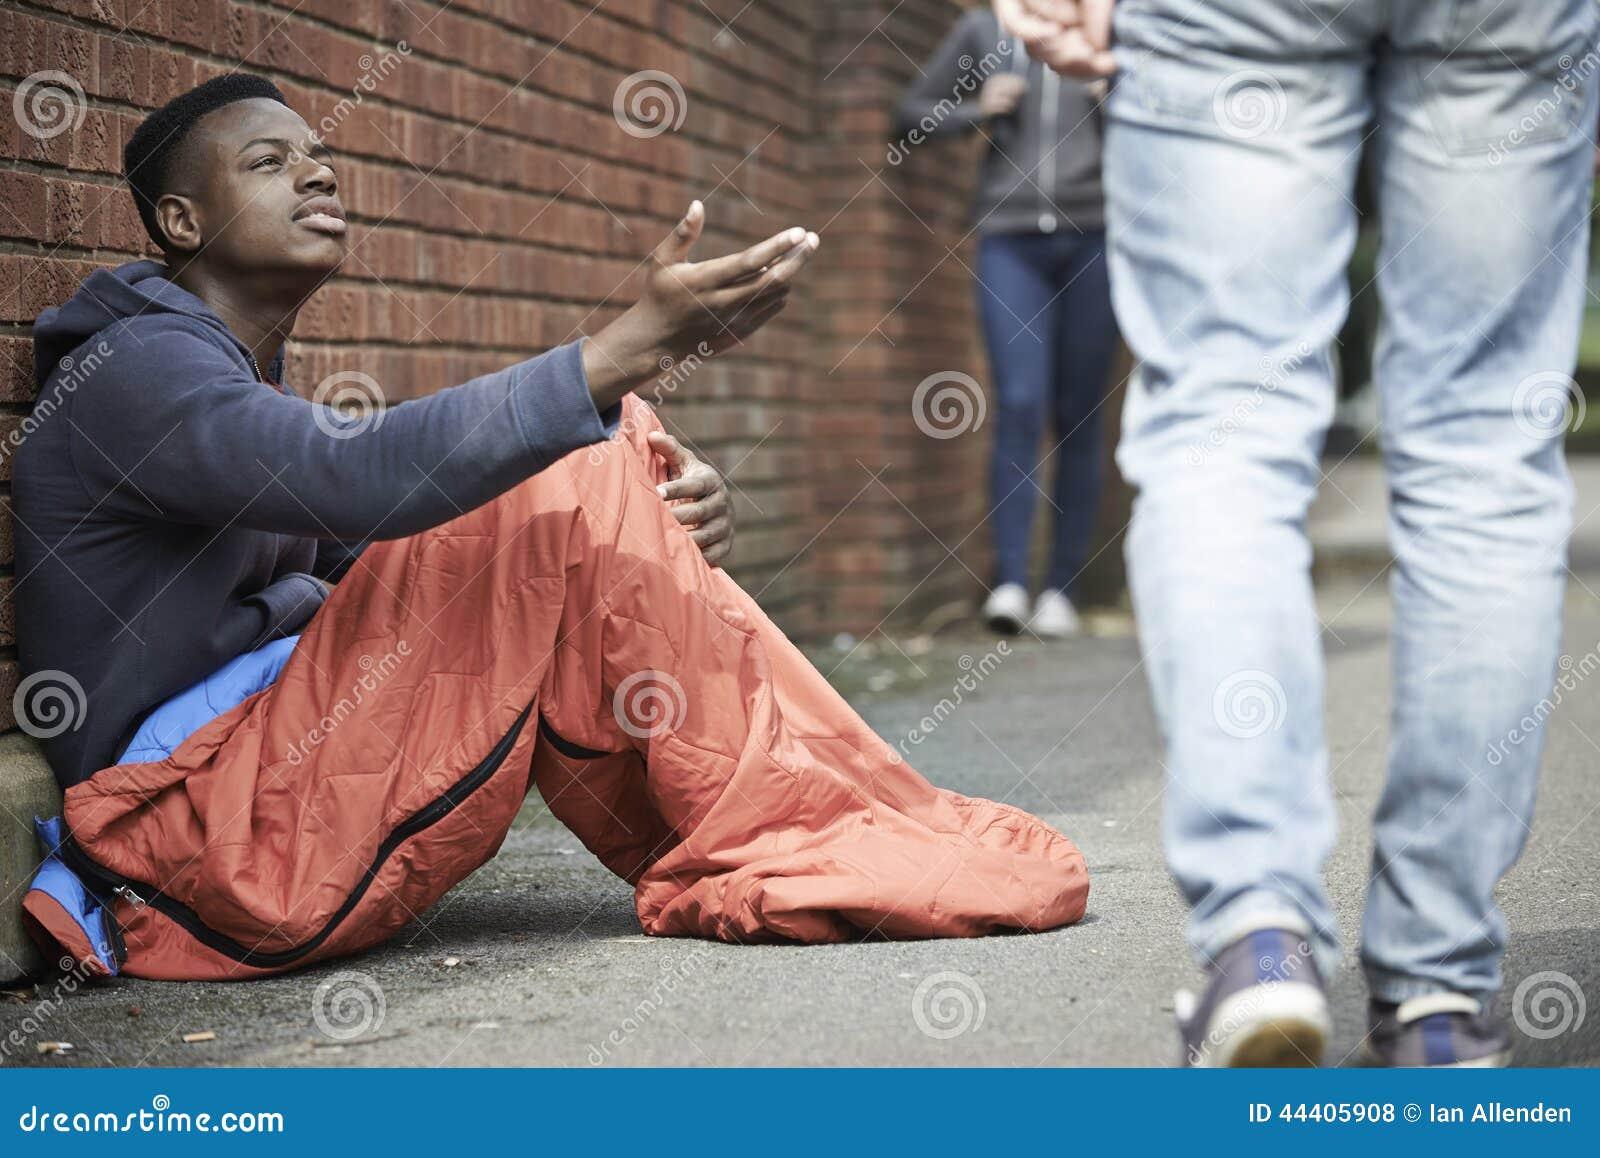 Adolescente sin hogar que pide dinero en la calle